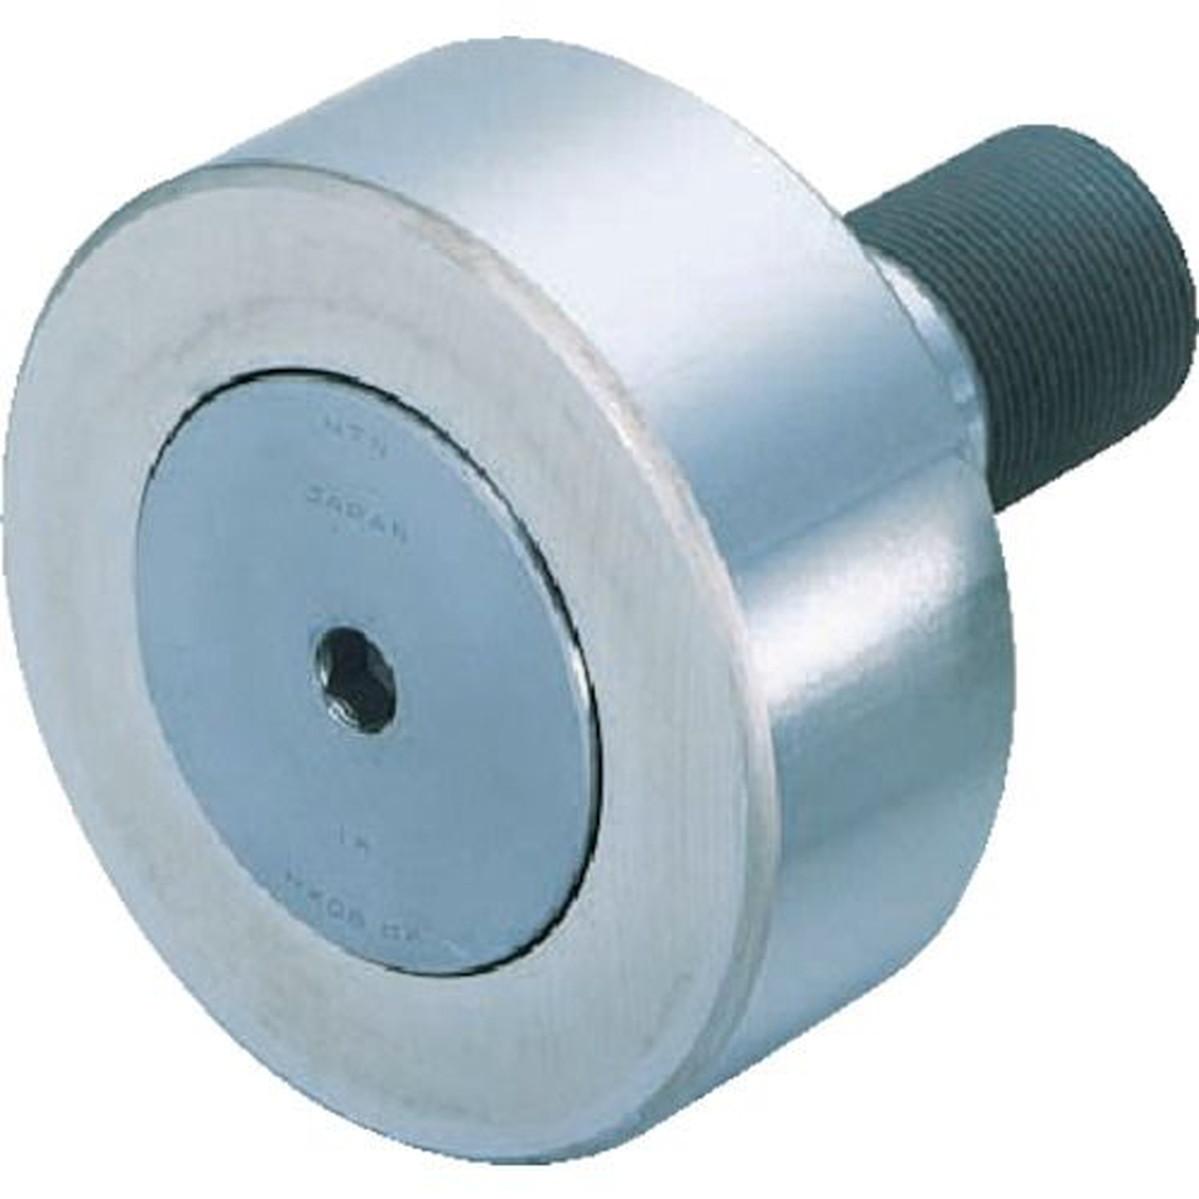 あす楽対応 DIY用品 NTN F 1個 ニードルベアリング 円筒外輪 外径80mm幅35mm全長100mm 美品 返品交換不可